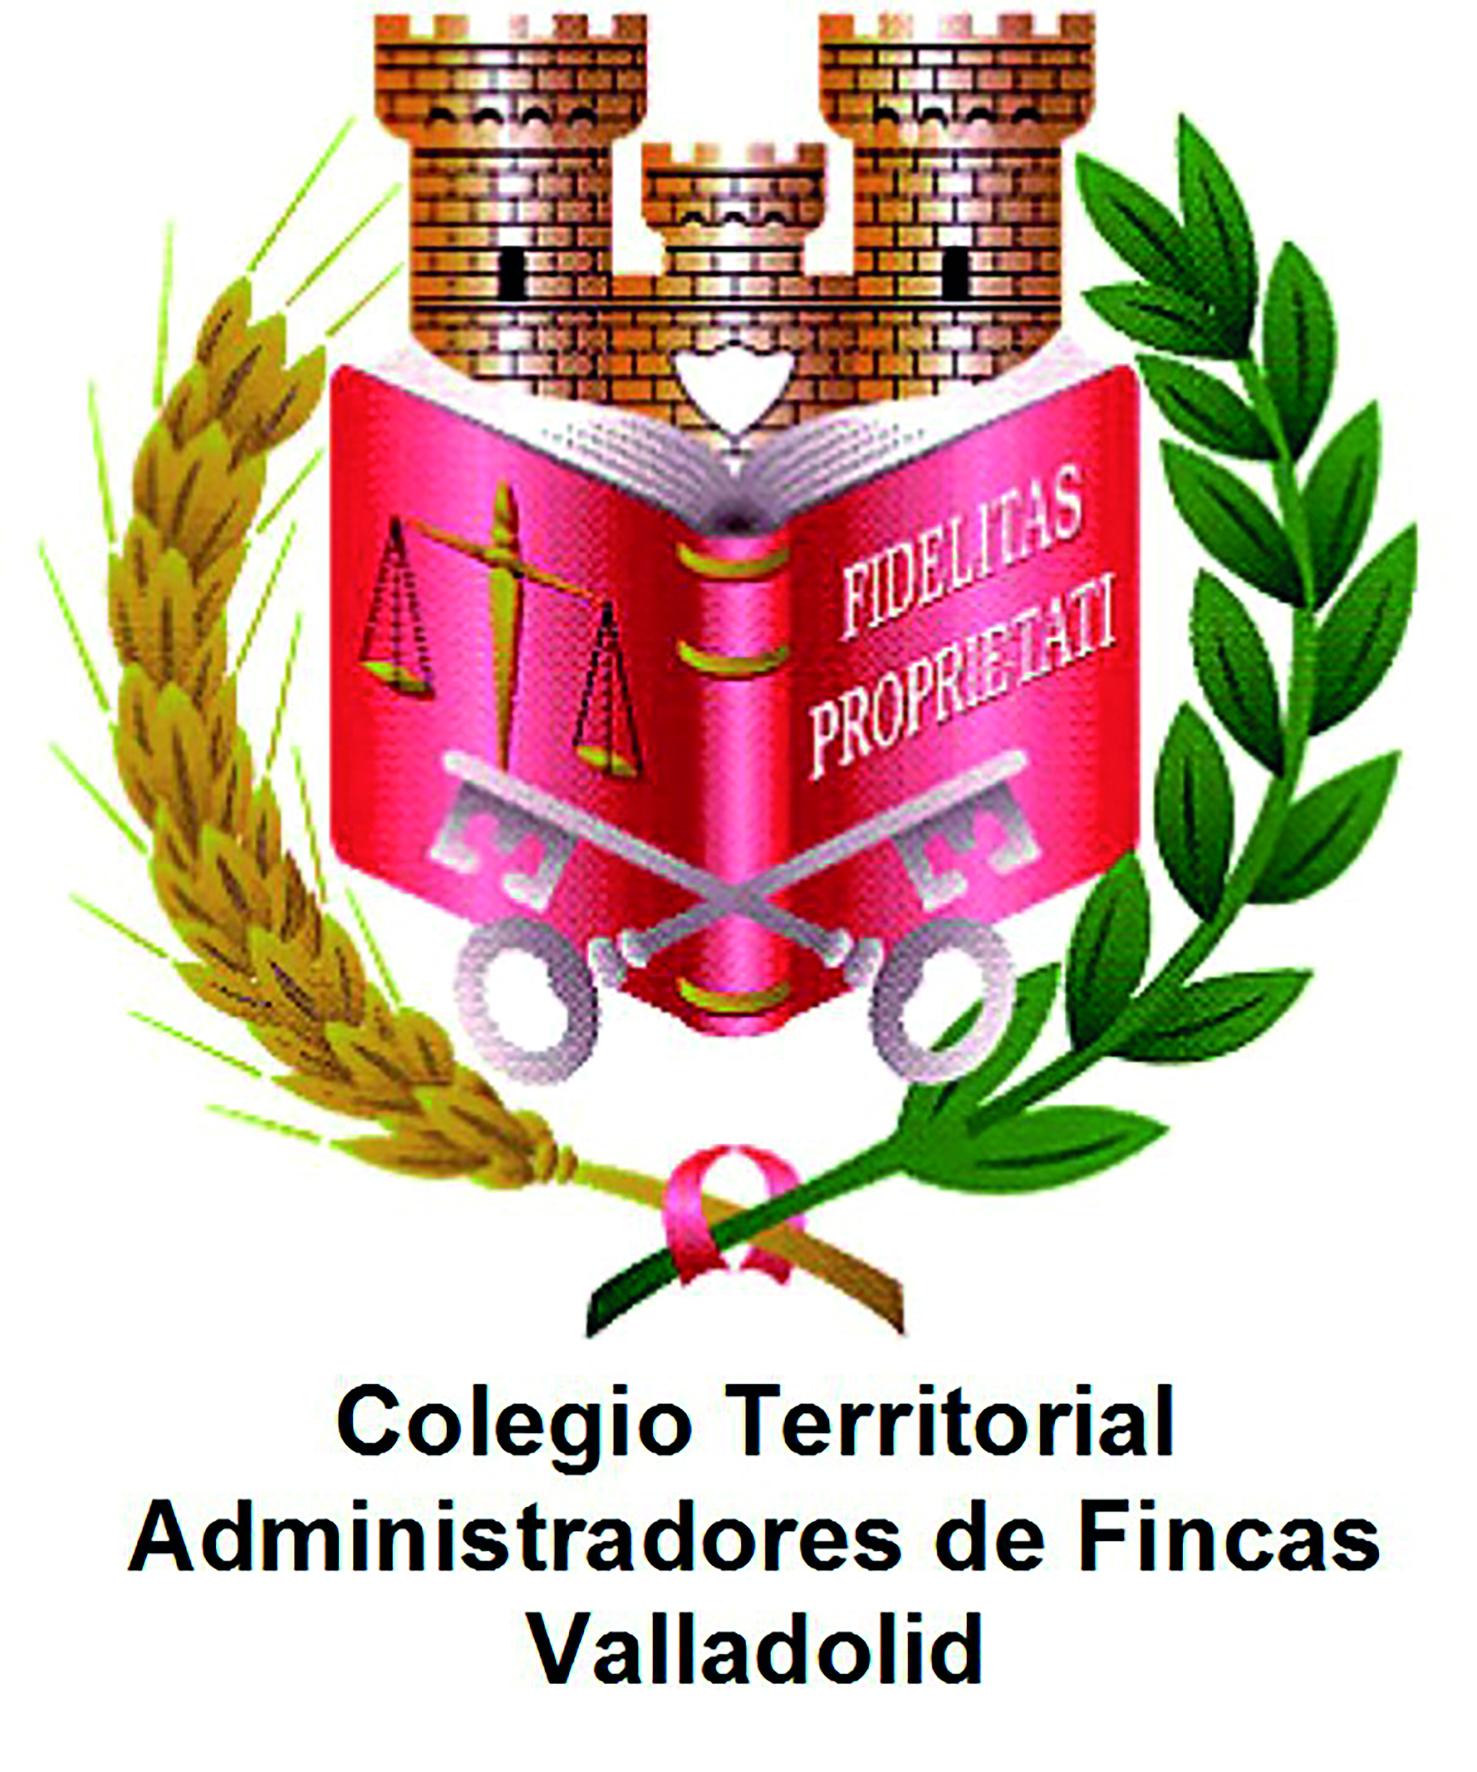 Inscripci n a vi congreso eses 02 10 2018 jornadas interempresas - Colegio de administradores de fincas barcelona ...